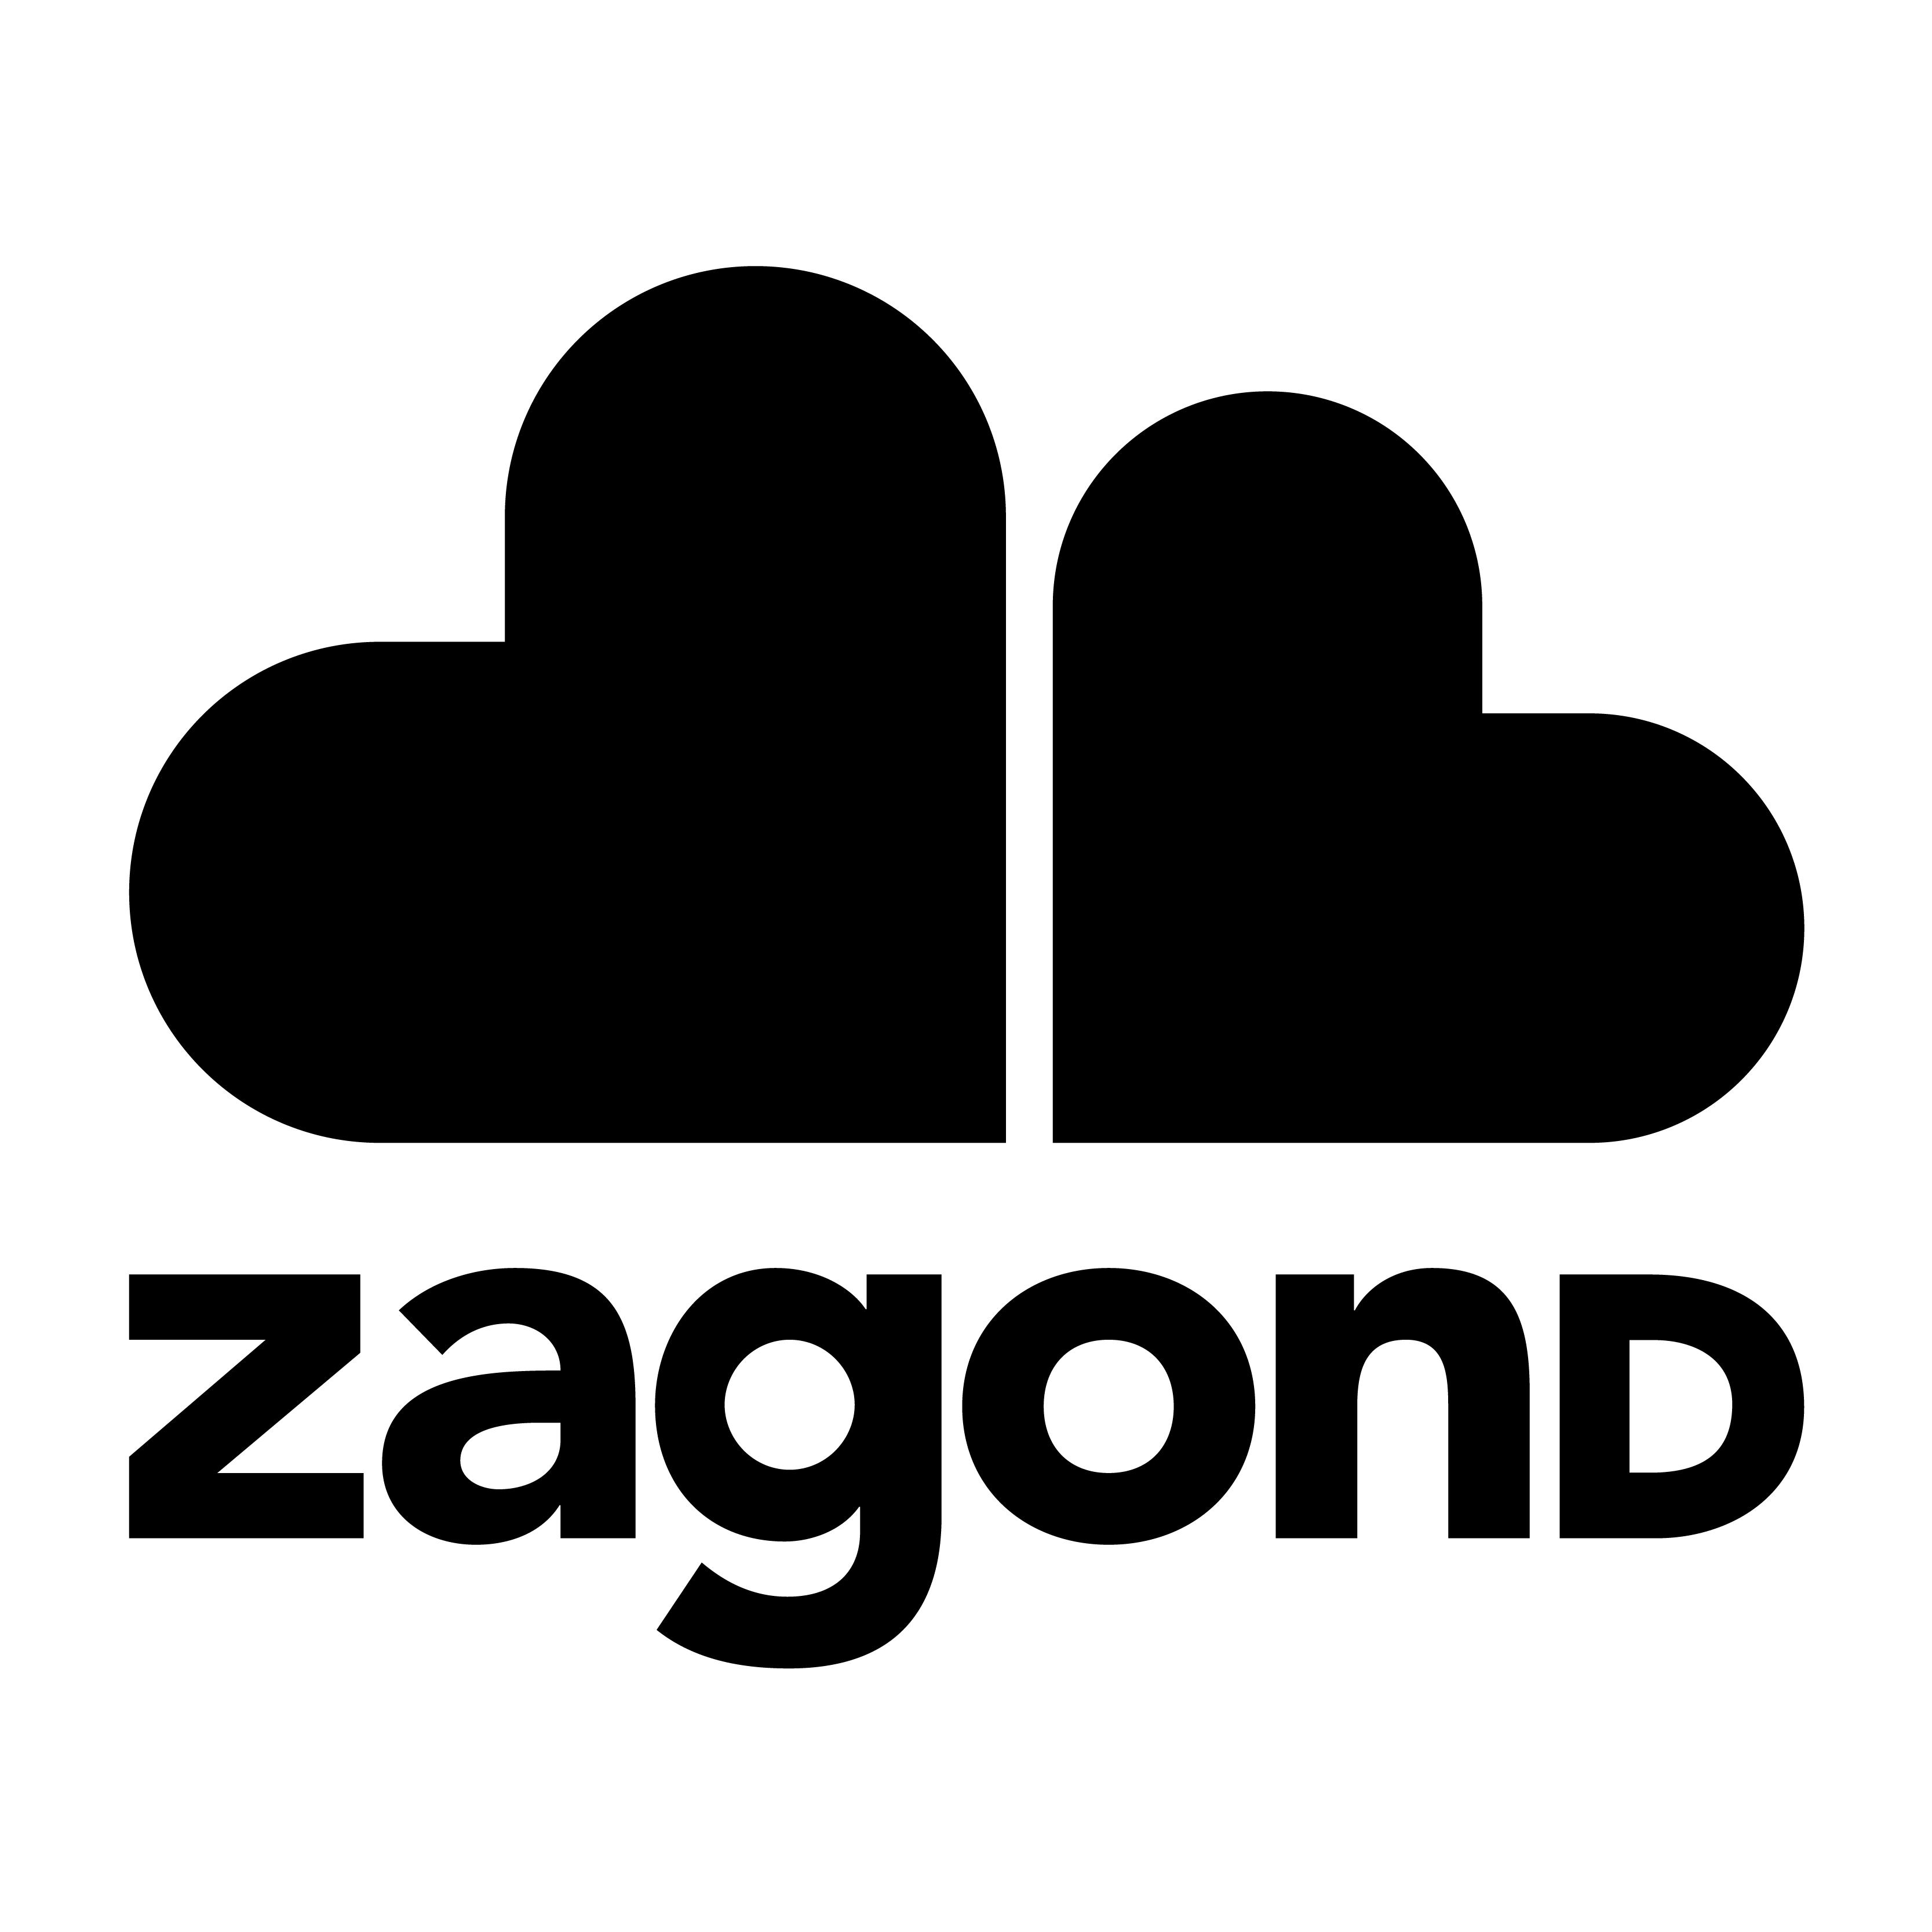 Zagond Design